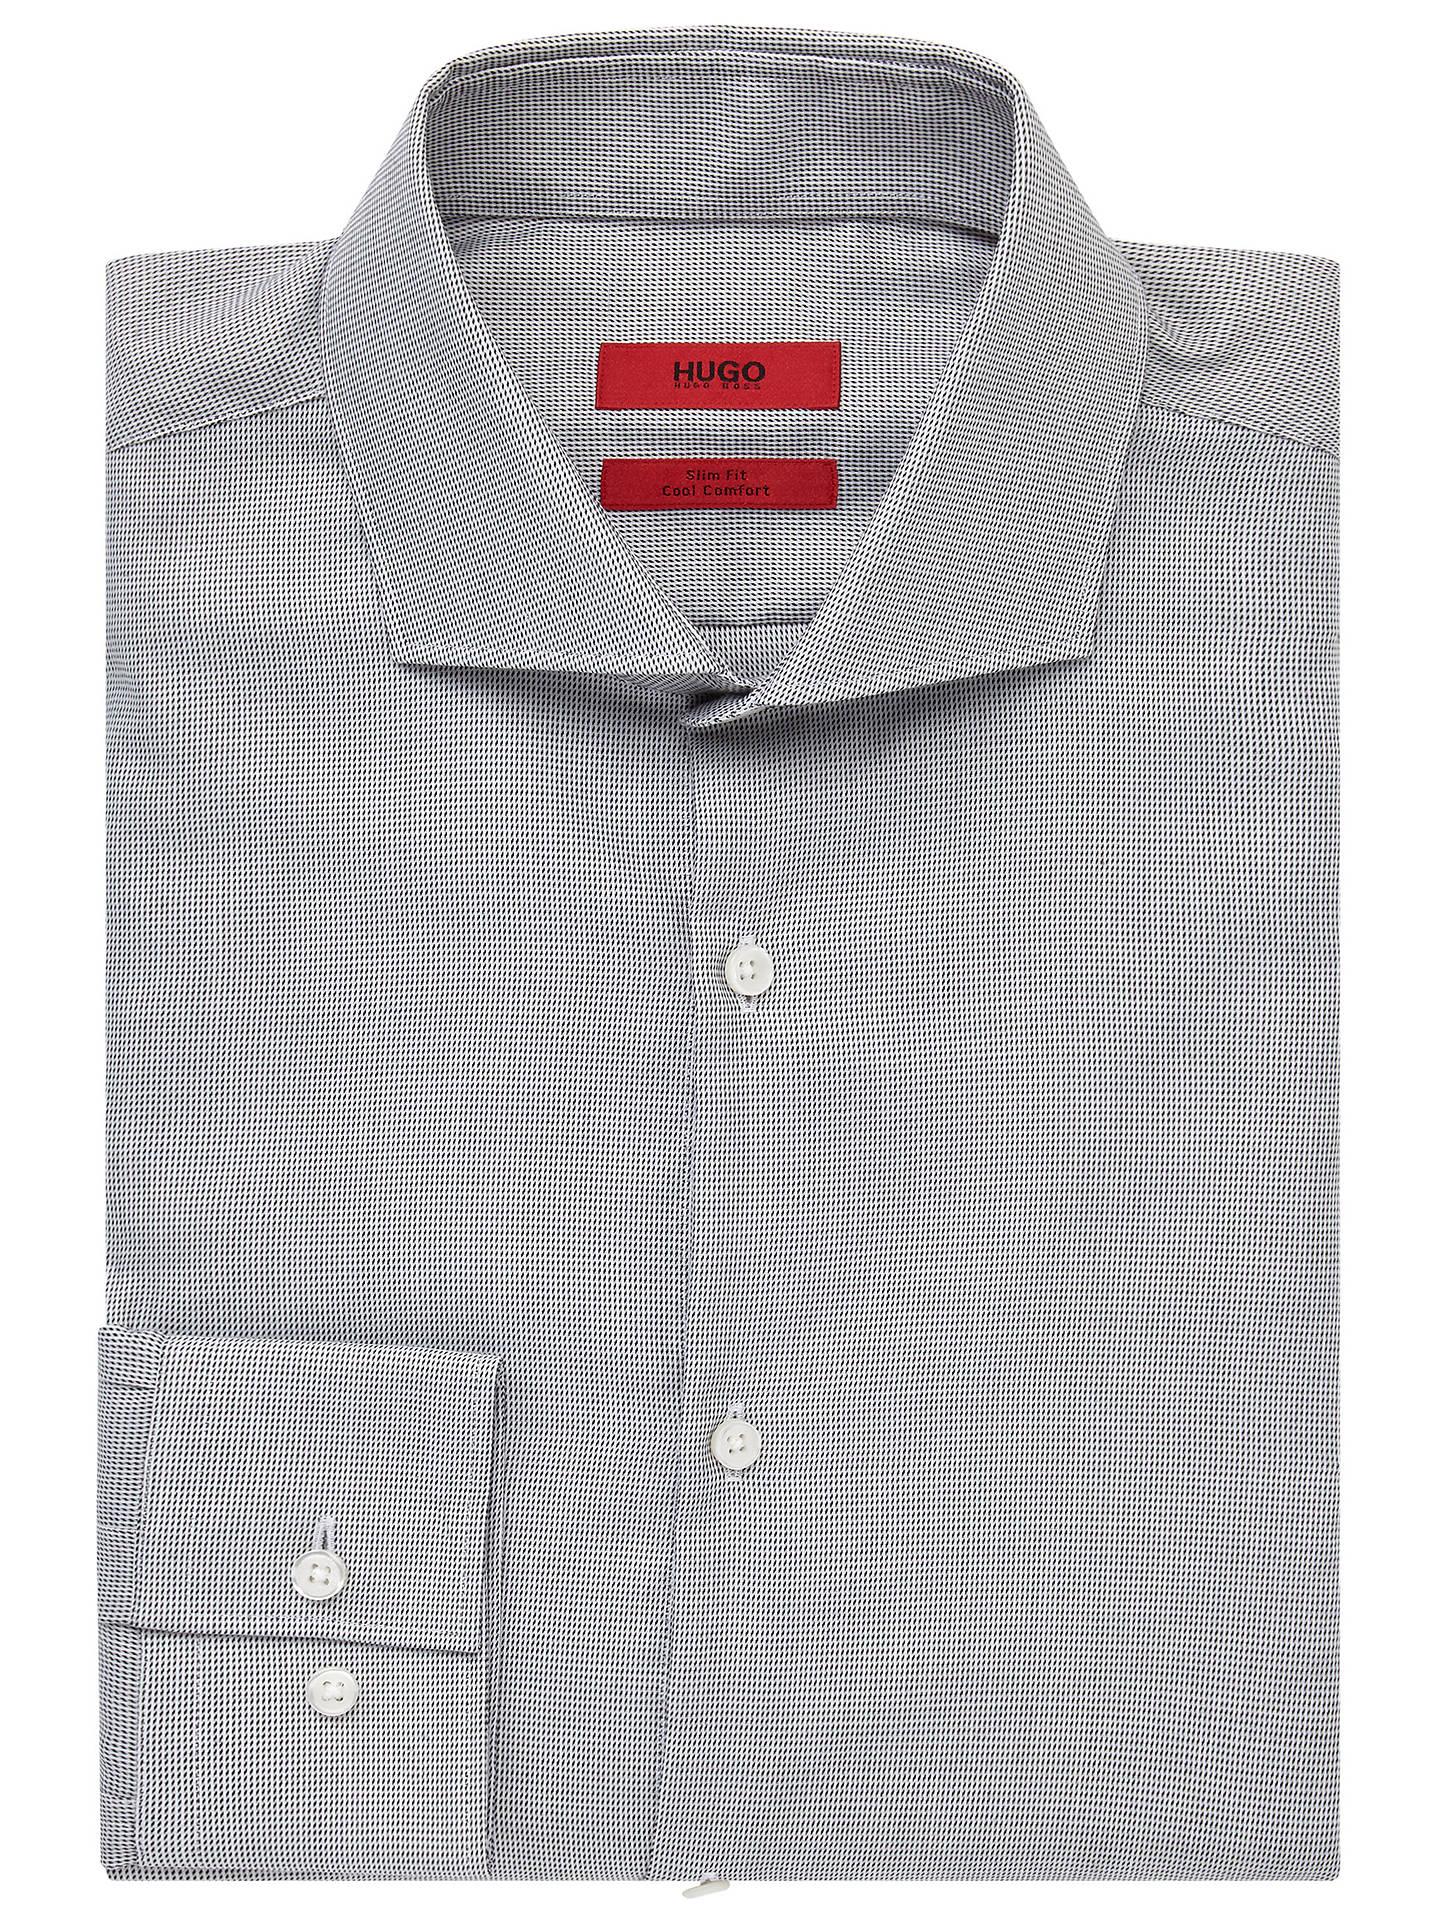 191da071 HUGO by Hugo Boss C-Jason Mini Weave Slim Fit Shirt, White/Black at ...